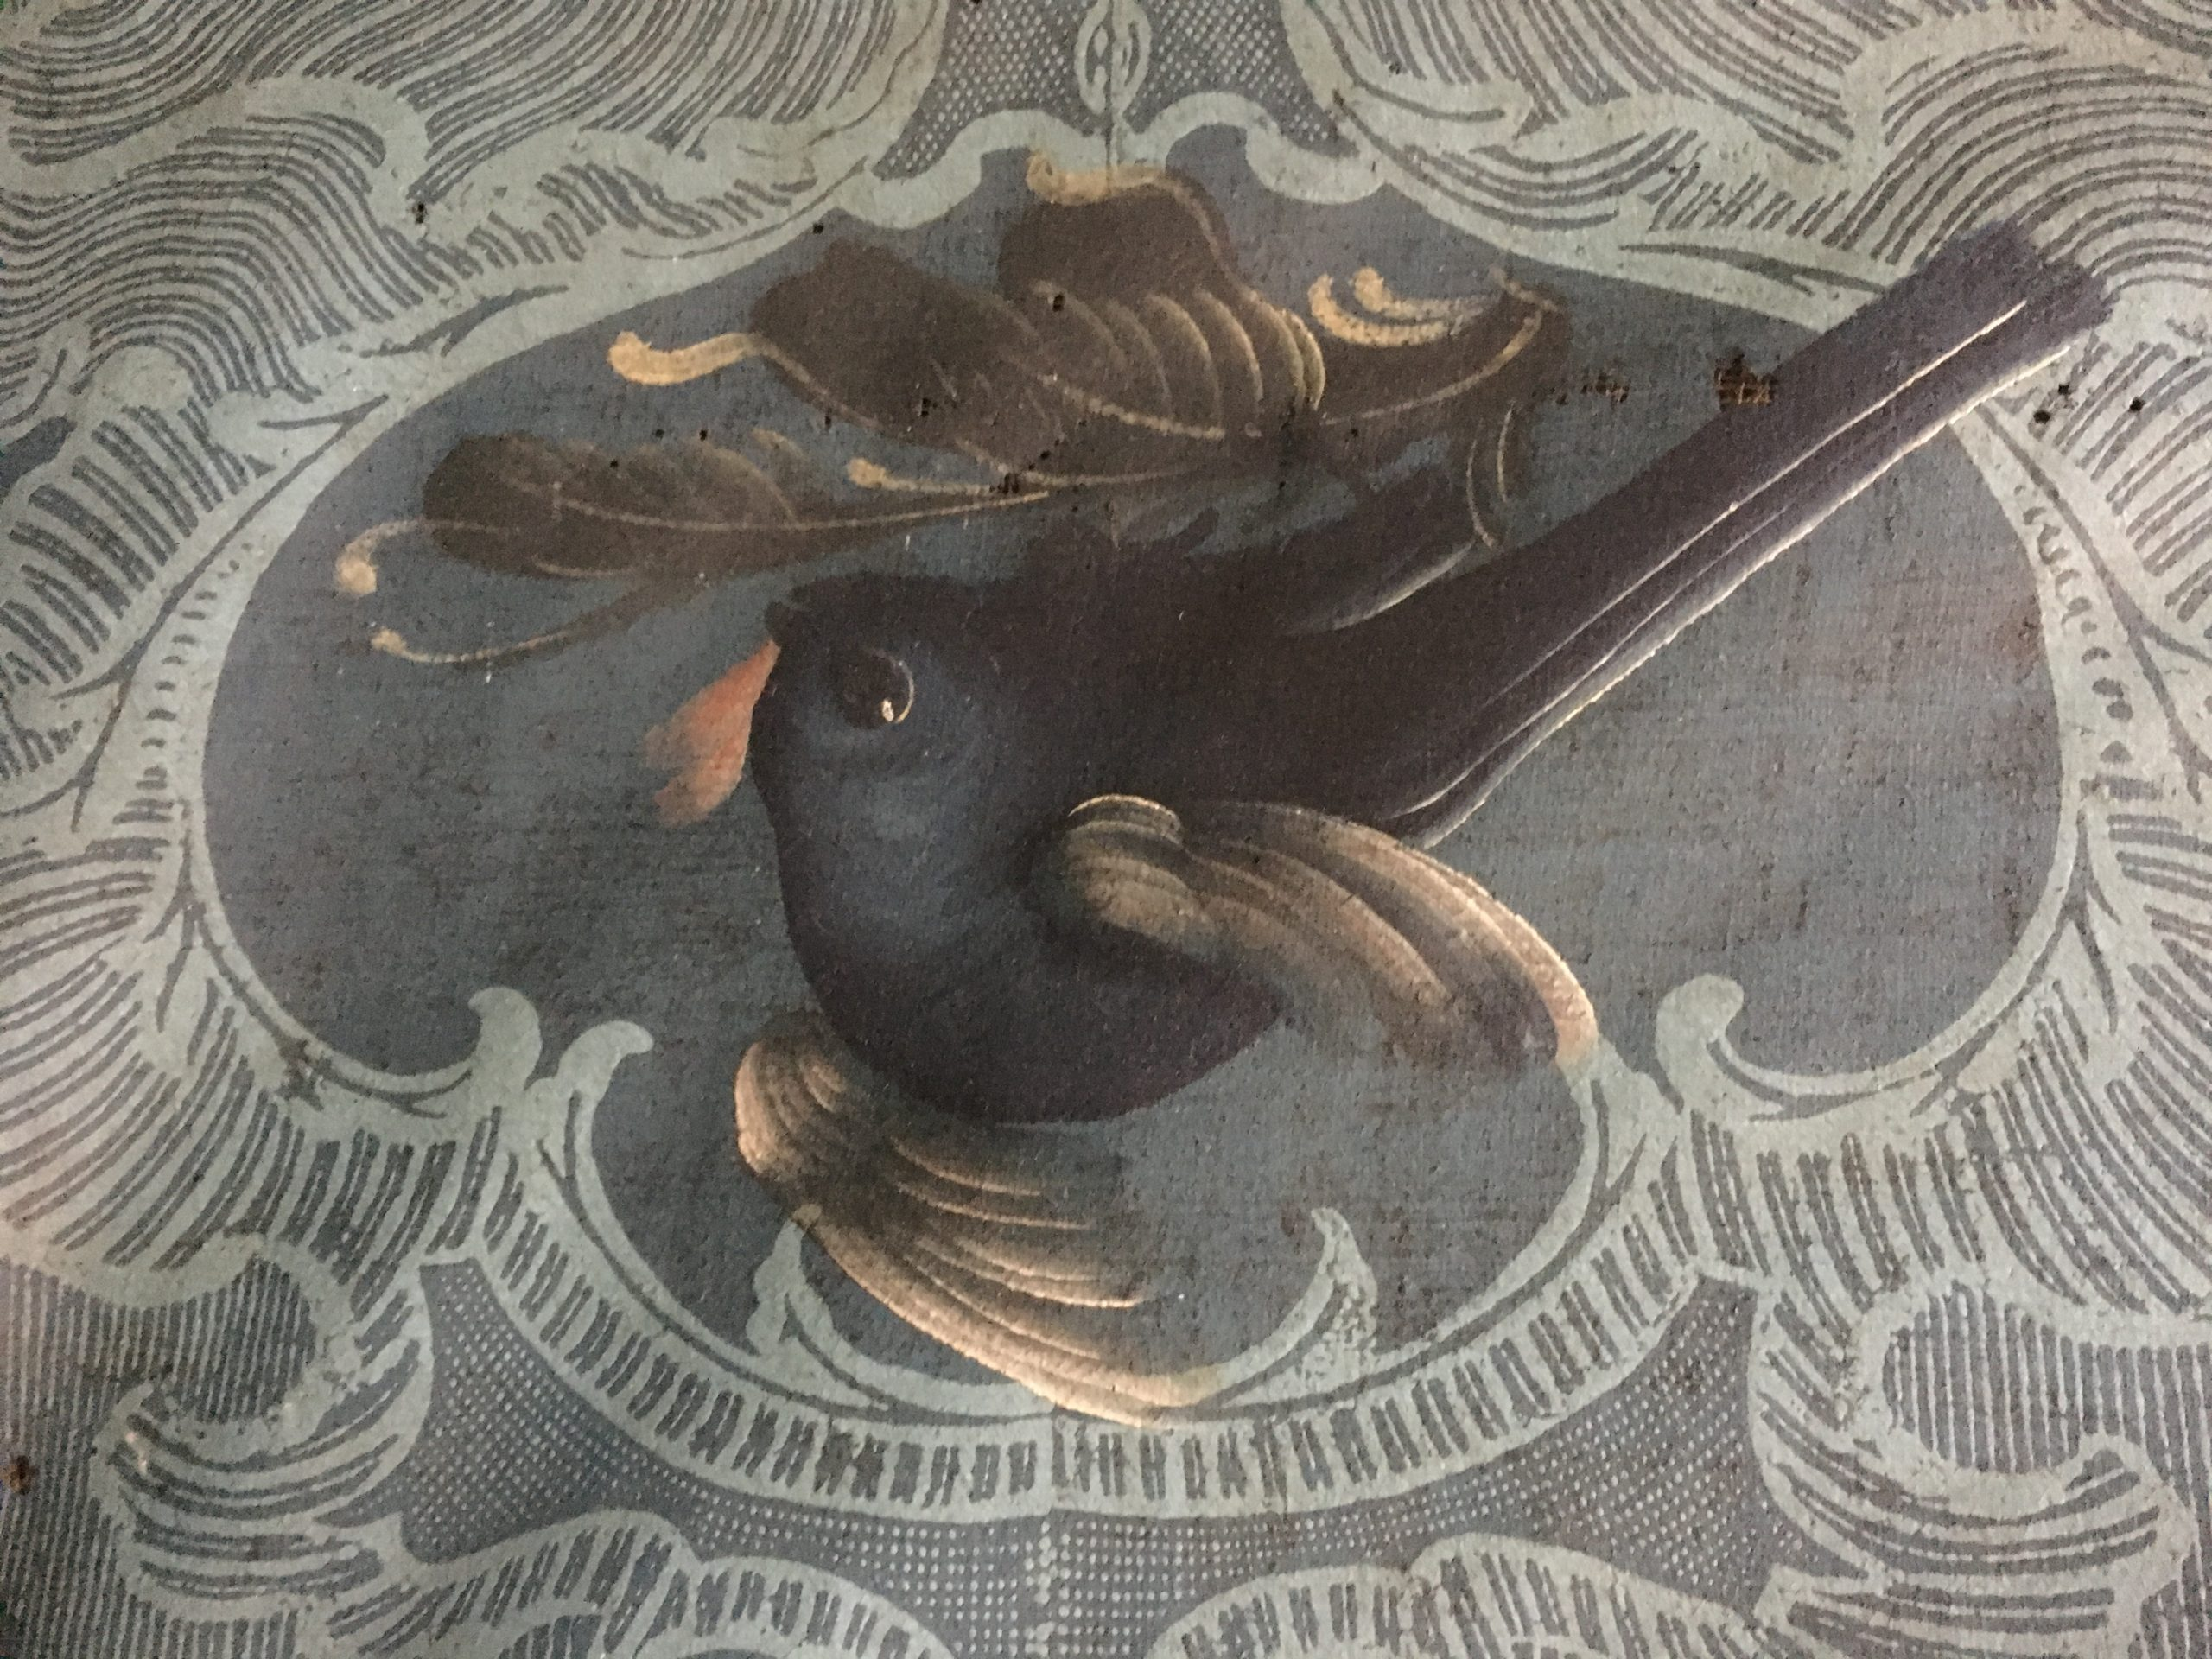 Nærbilde av tapet. Tapetene på Hovin har vakre fugle- og blomstermotiv. Her er en fugl før restaurering. Foto: Turid Årsheim, Riksantikvaren